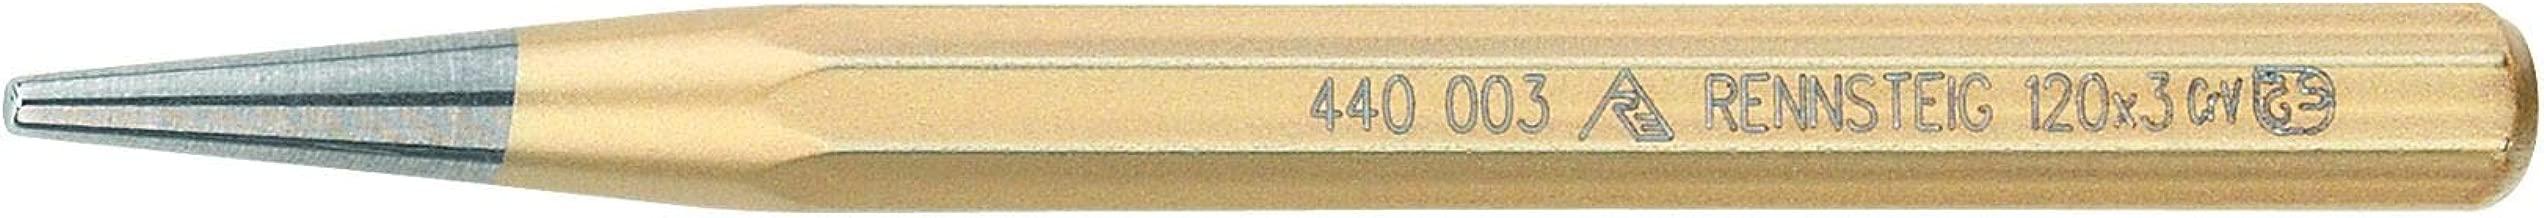 Rennsteig 441 010 SB 120x12x10mm